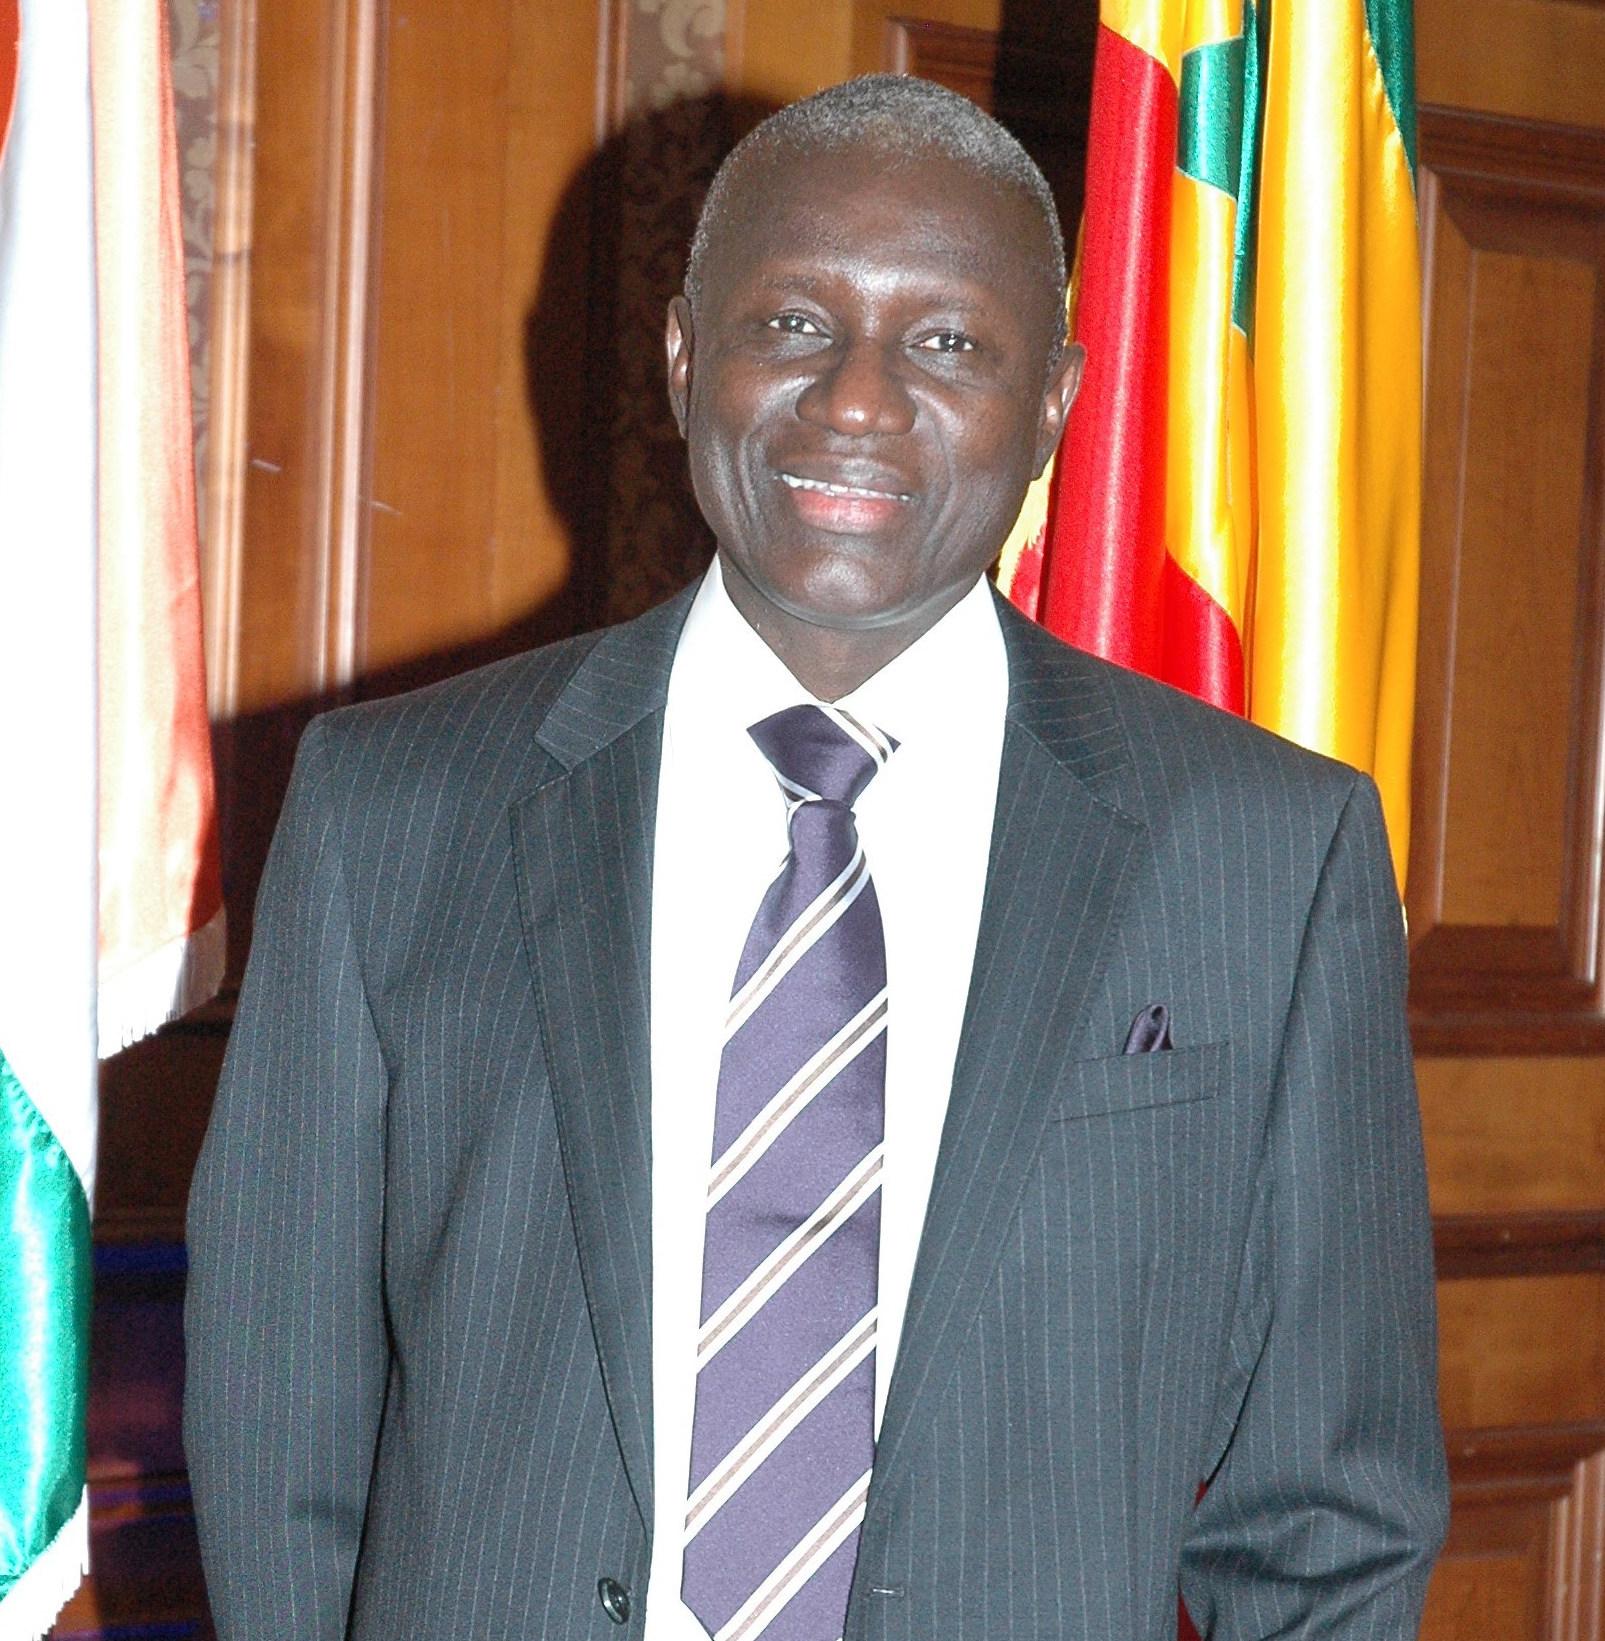 «Affaire de la caisse d'avances de la ville de Dakar»: et s'il ne s'agissait, tout au plus, que d'une faute de gestiondu gérant de la caisse ?